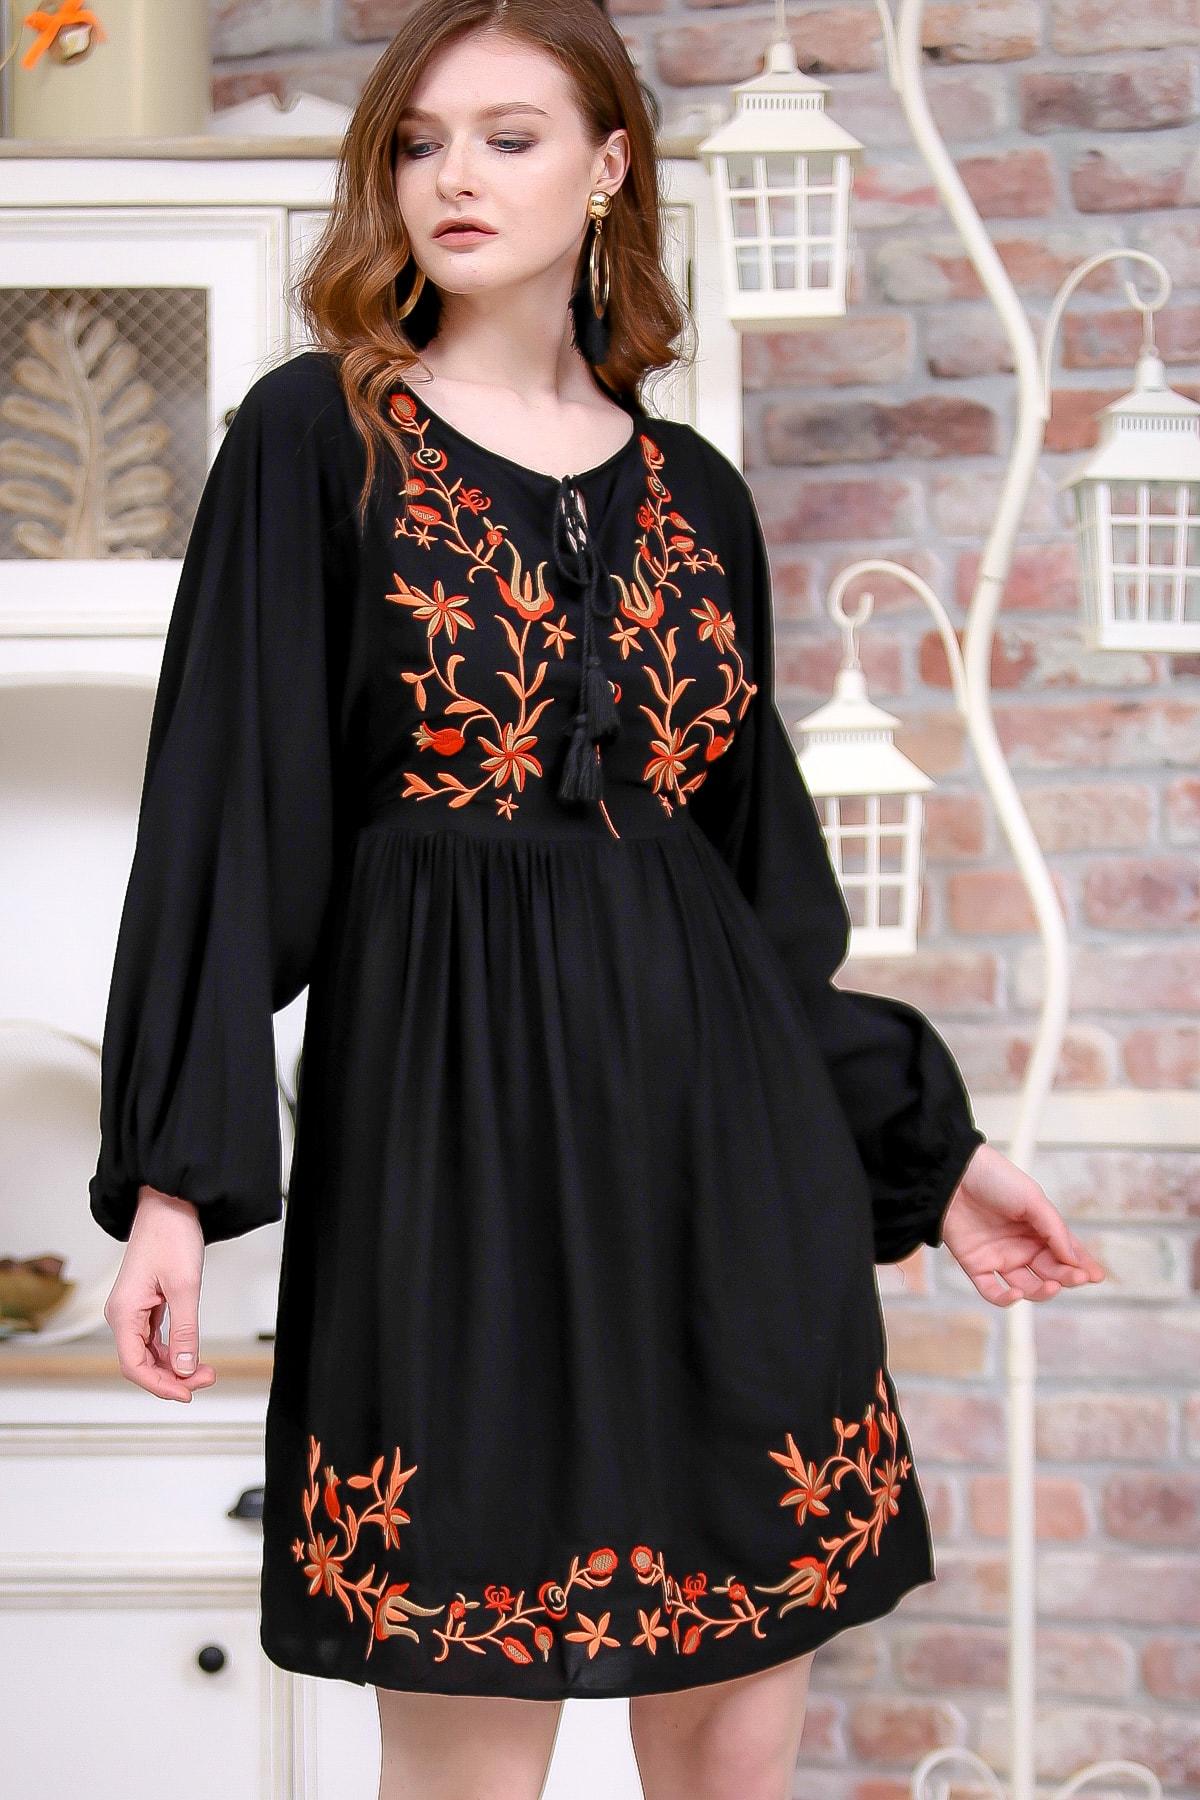 Chiccy Kadın Siyah Retro Çiçek Nakış Detaylı Balon Kol Dokuma Astarlı Elbise  M10160000EL97273 1